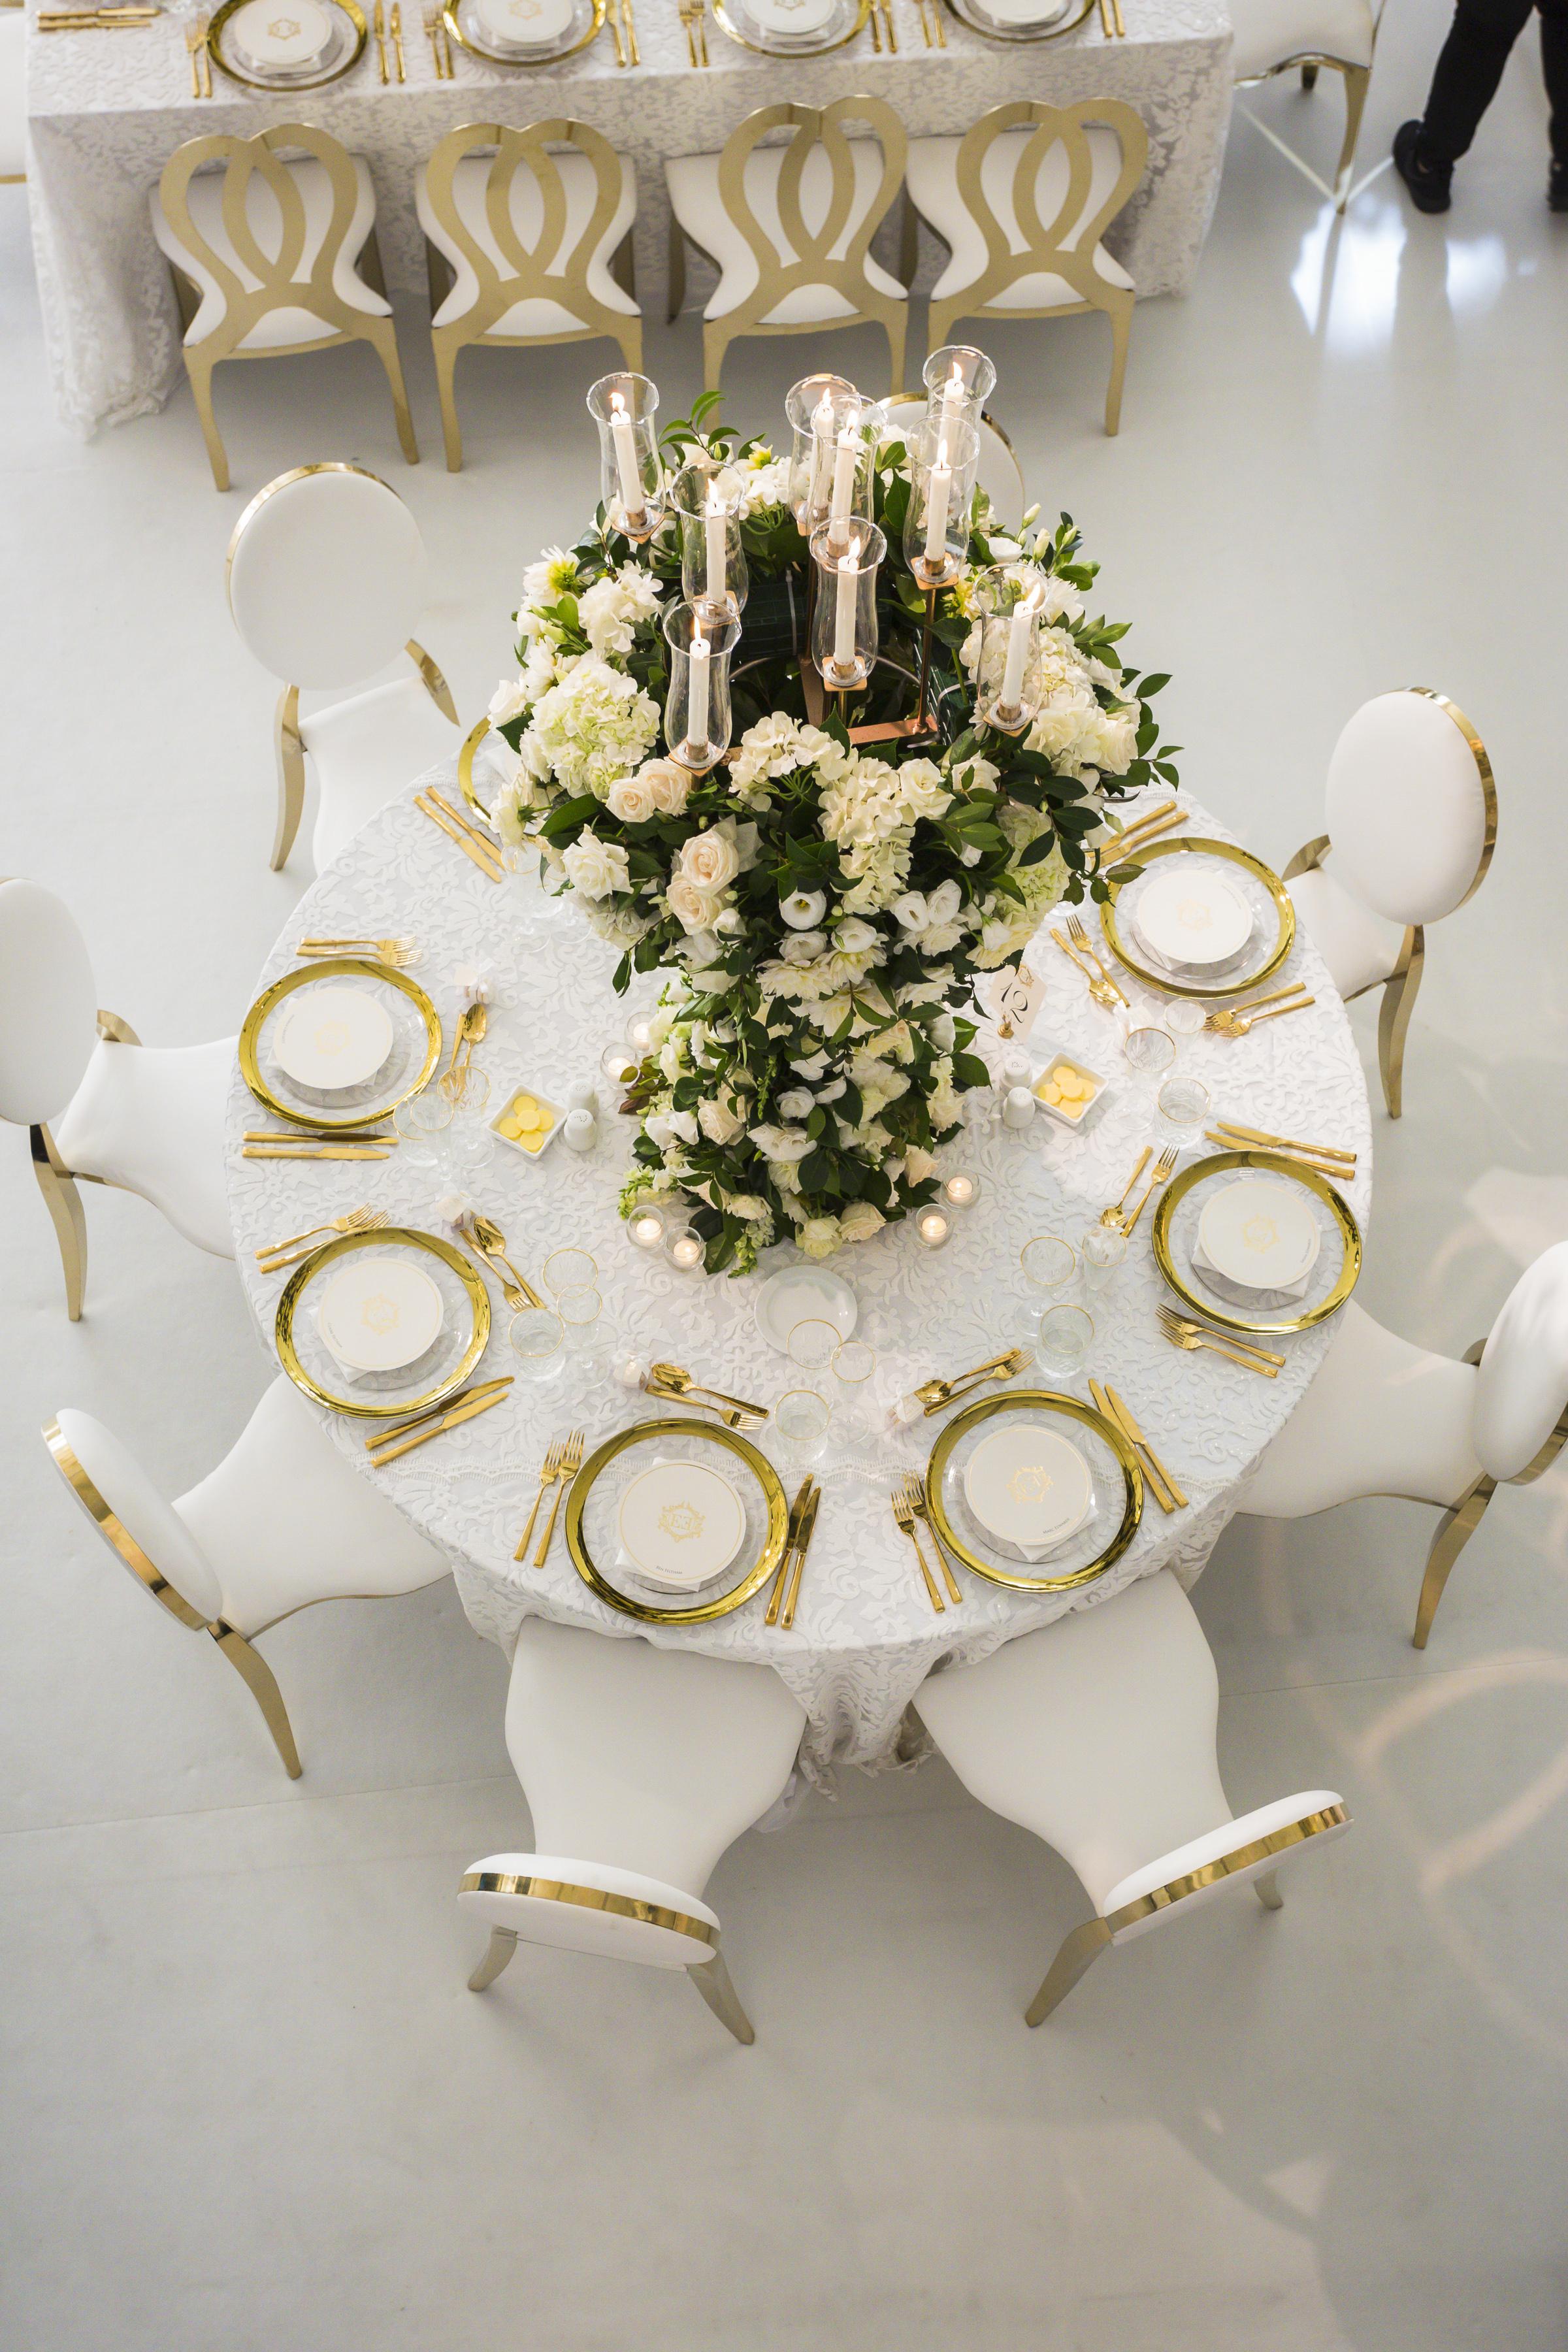 Hire_White_ Anita_luxury_linen_sydney_wedding_Luna Park 1.jpg